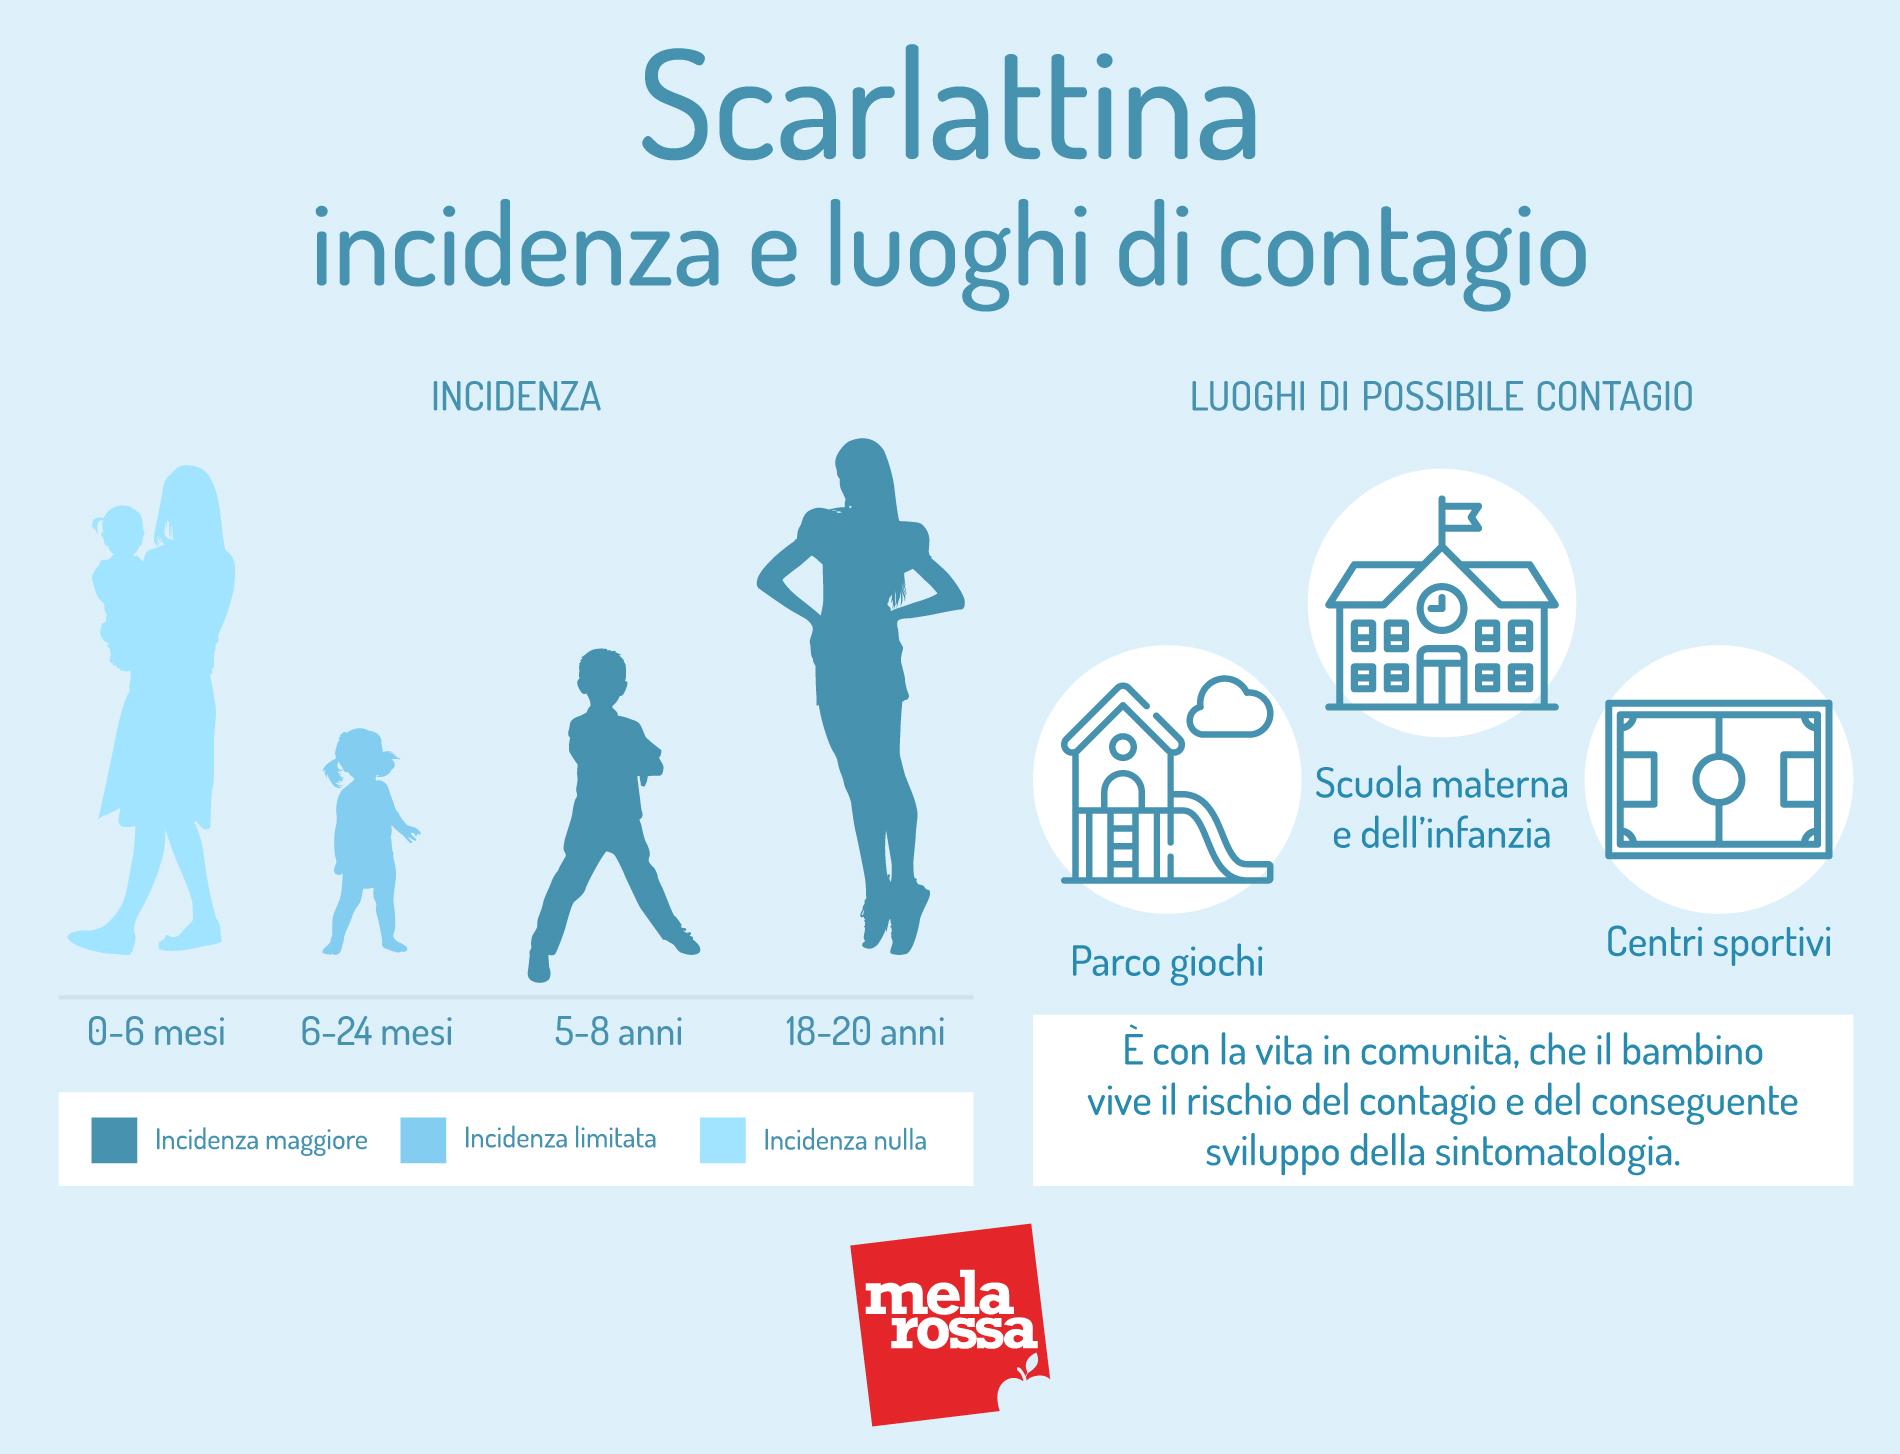 Scarlattina: incidenza e luoghi di contagio